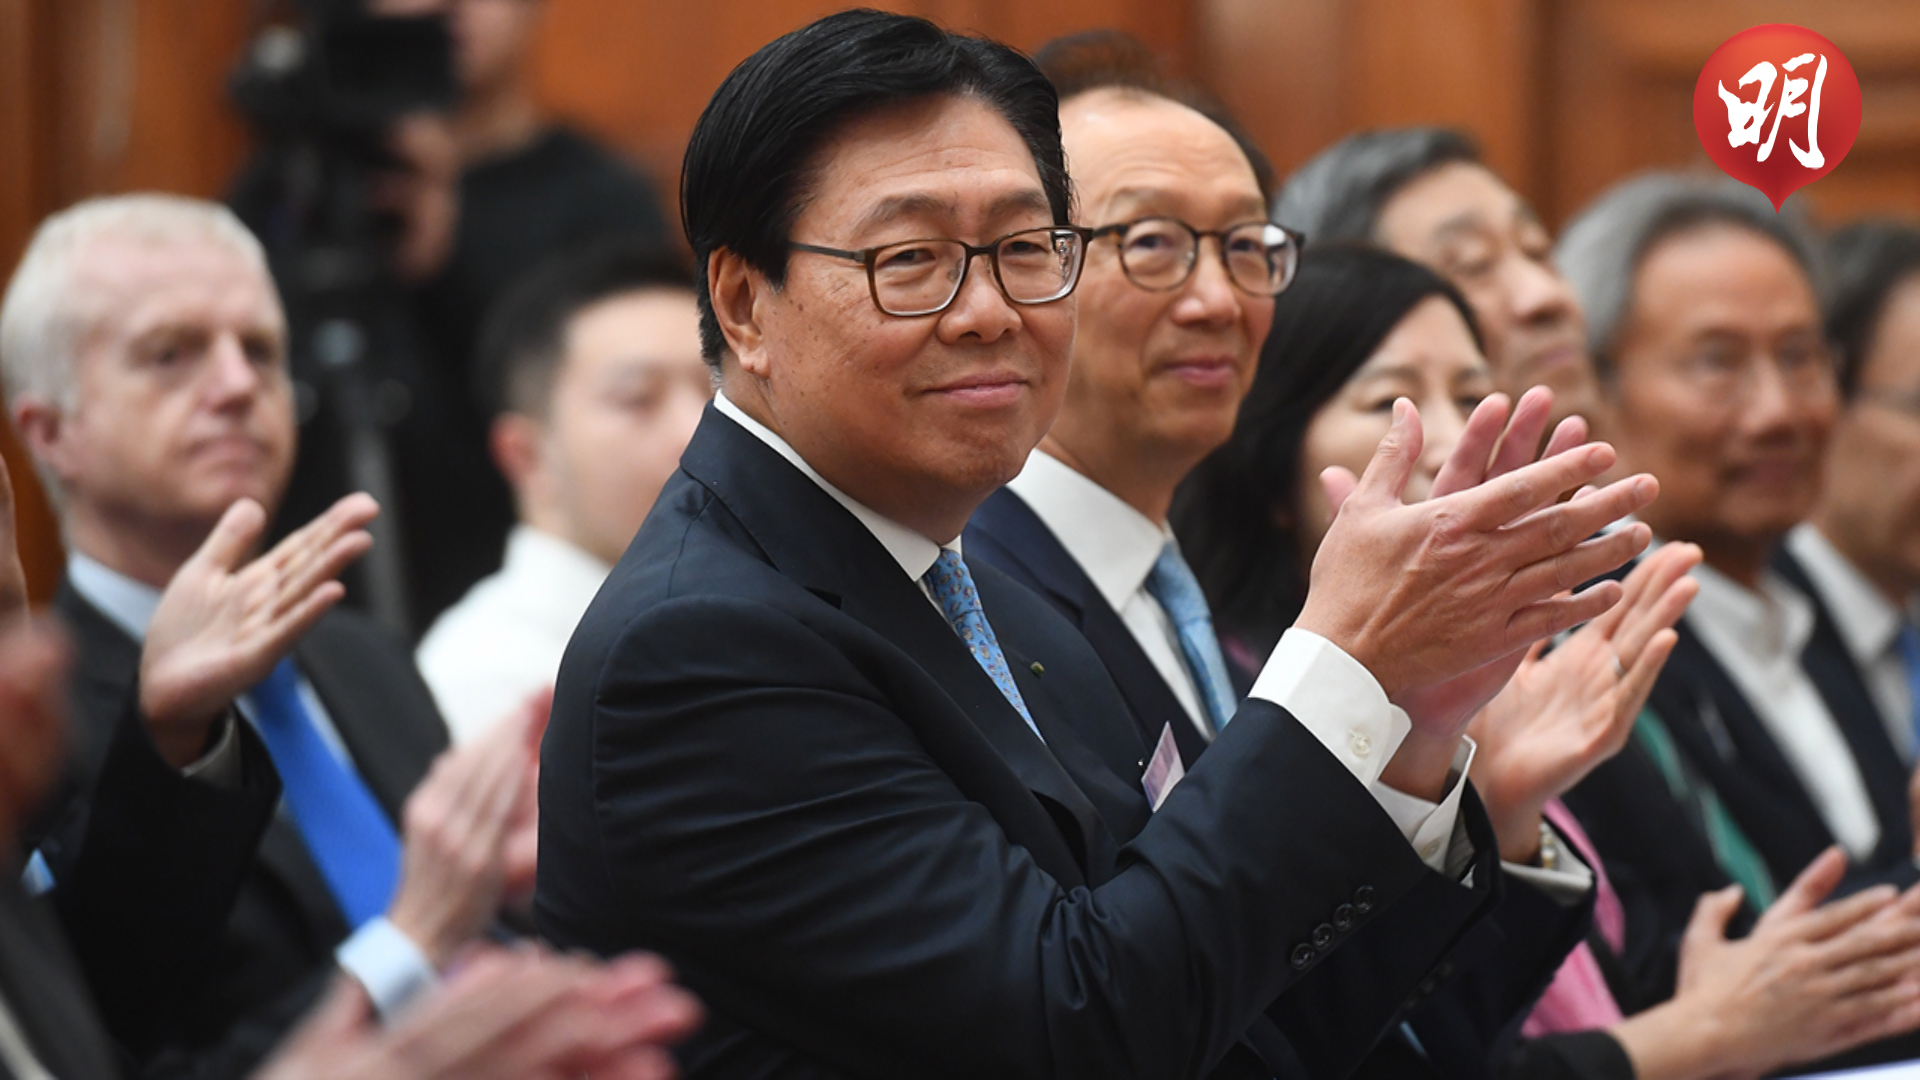 【短片】馬時亨指半年期限由他提出 有信心明年初落實港鐵新CEO人選